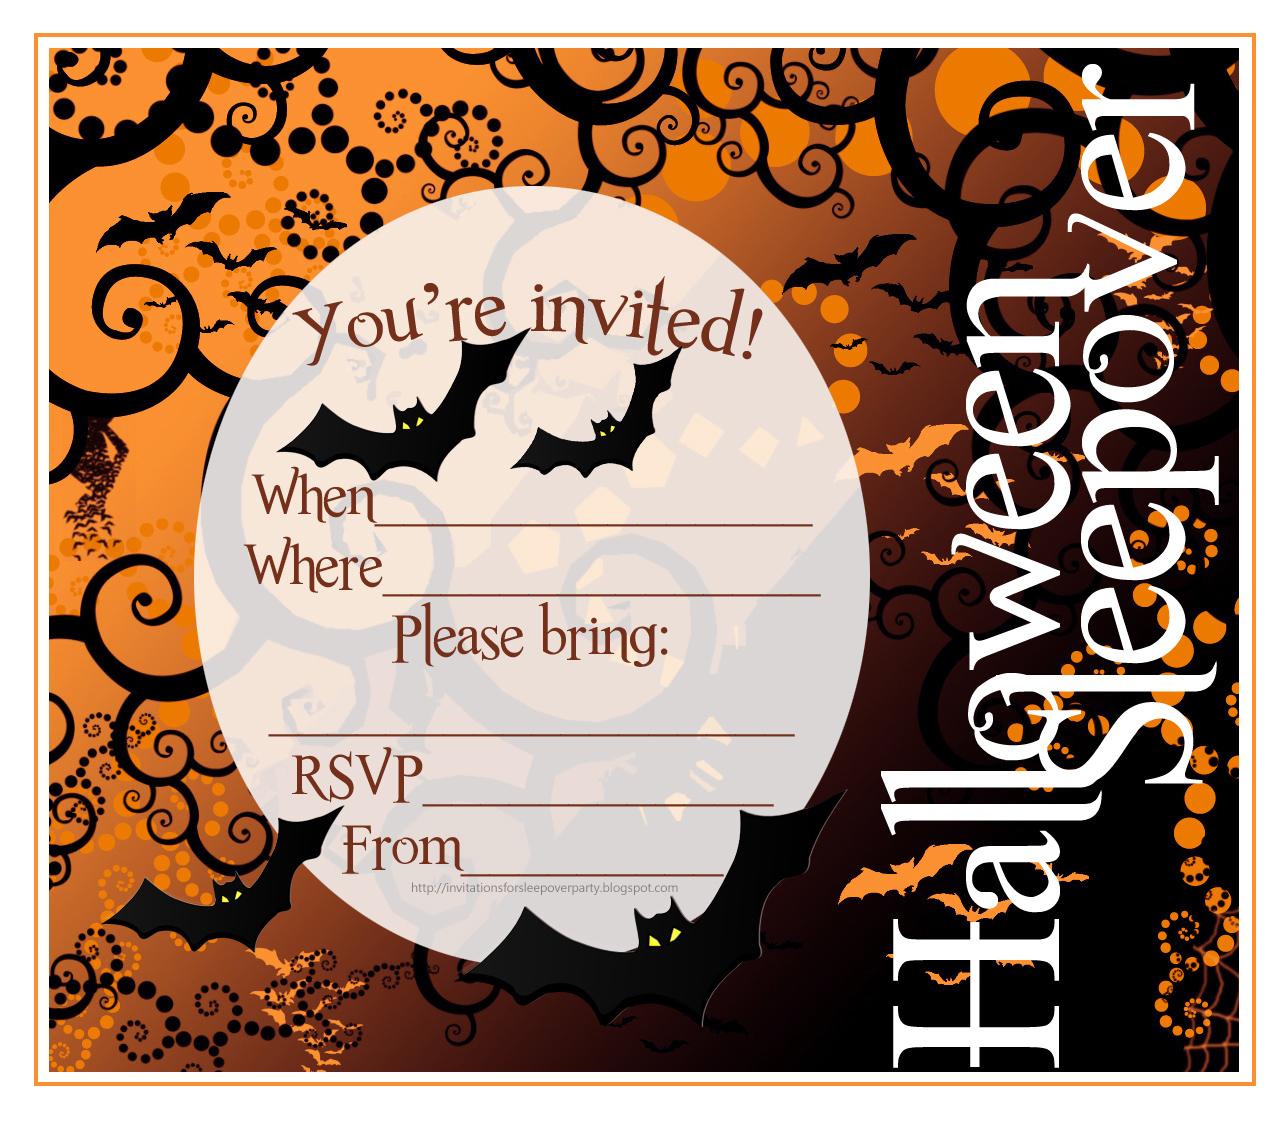 Free Printable Halloween Sleepover Invitations | Halloween Arts - Free Printable Halloween Party Invitations